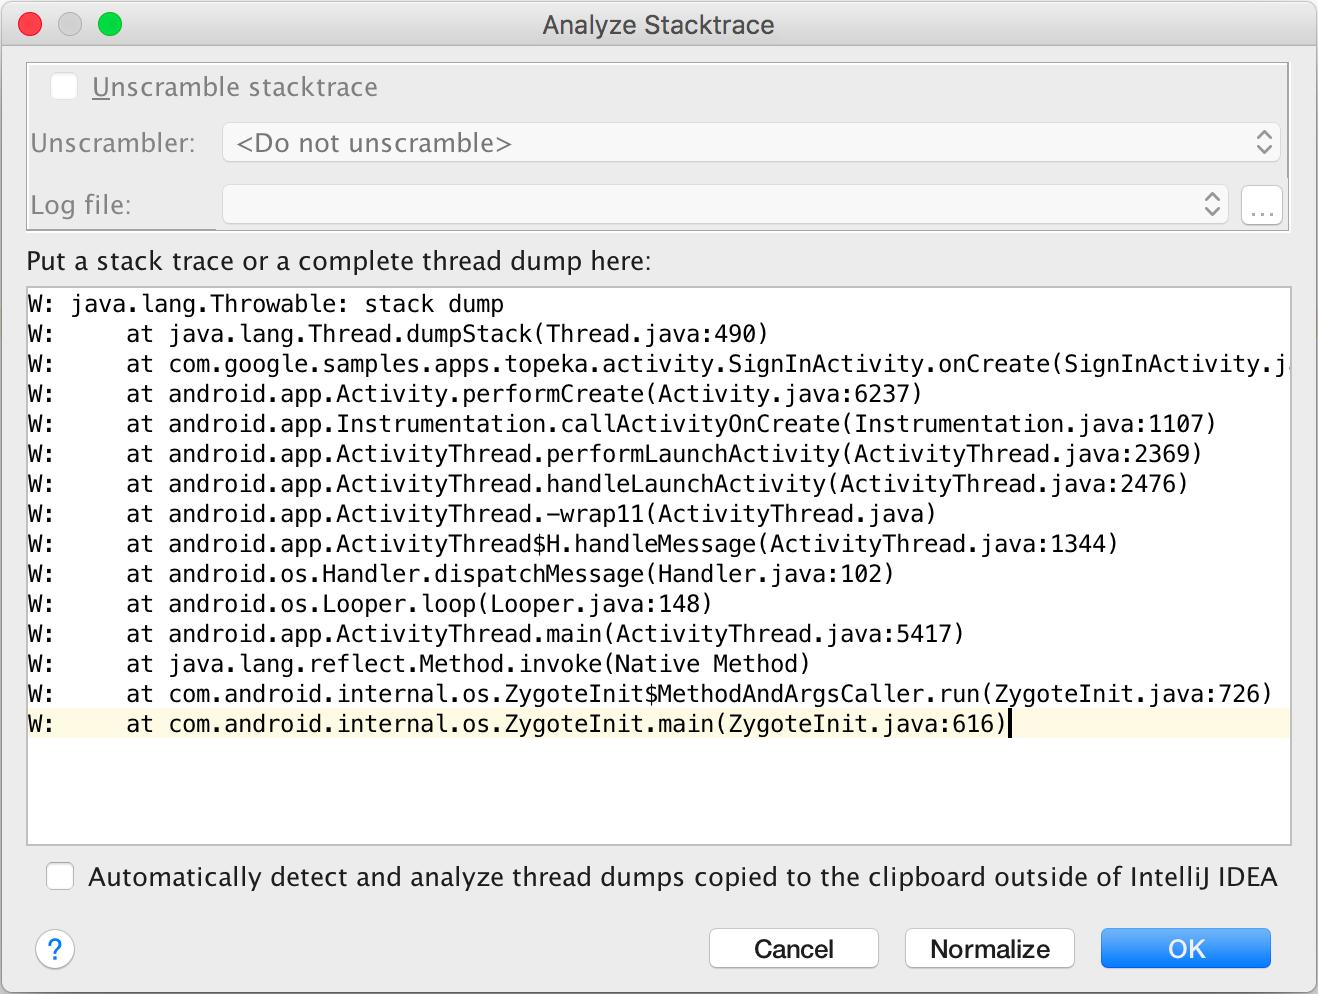 Analyze Stack Trace window